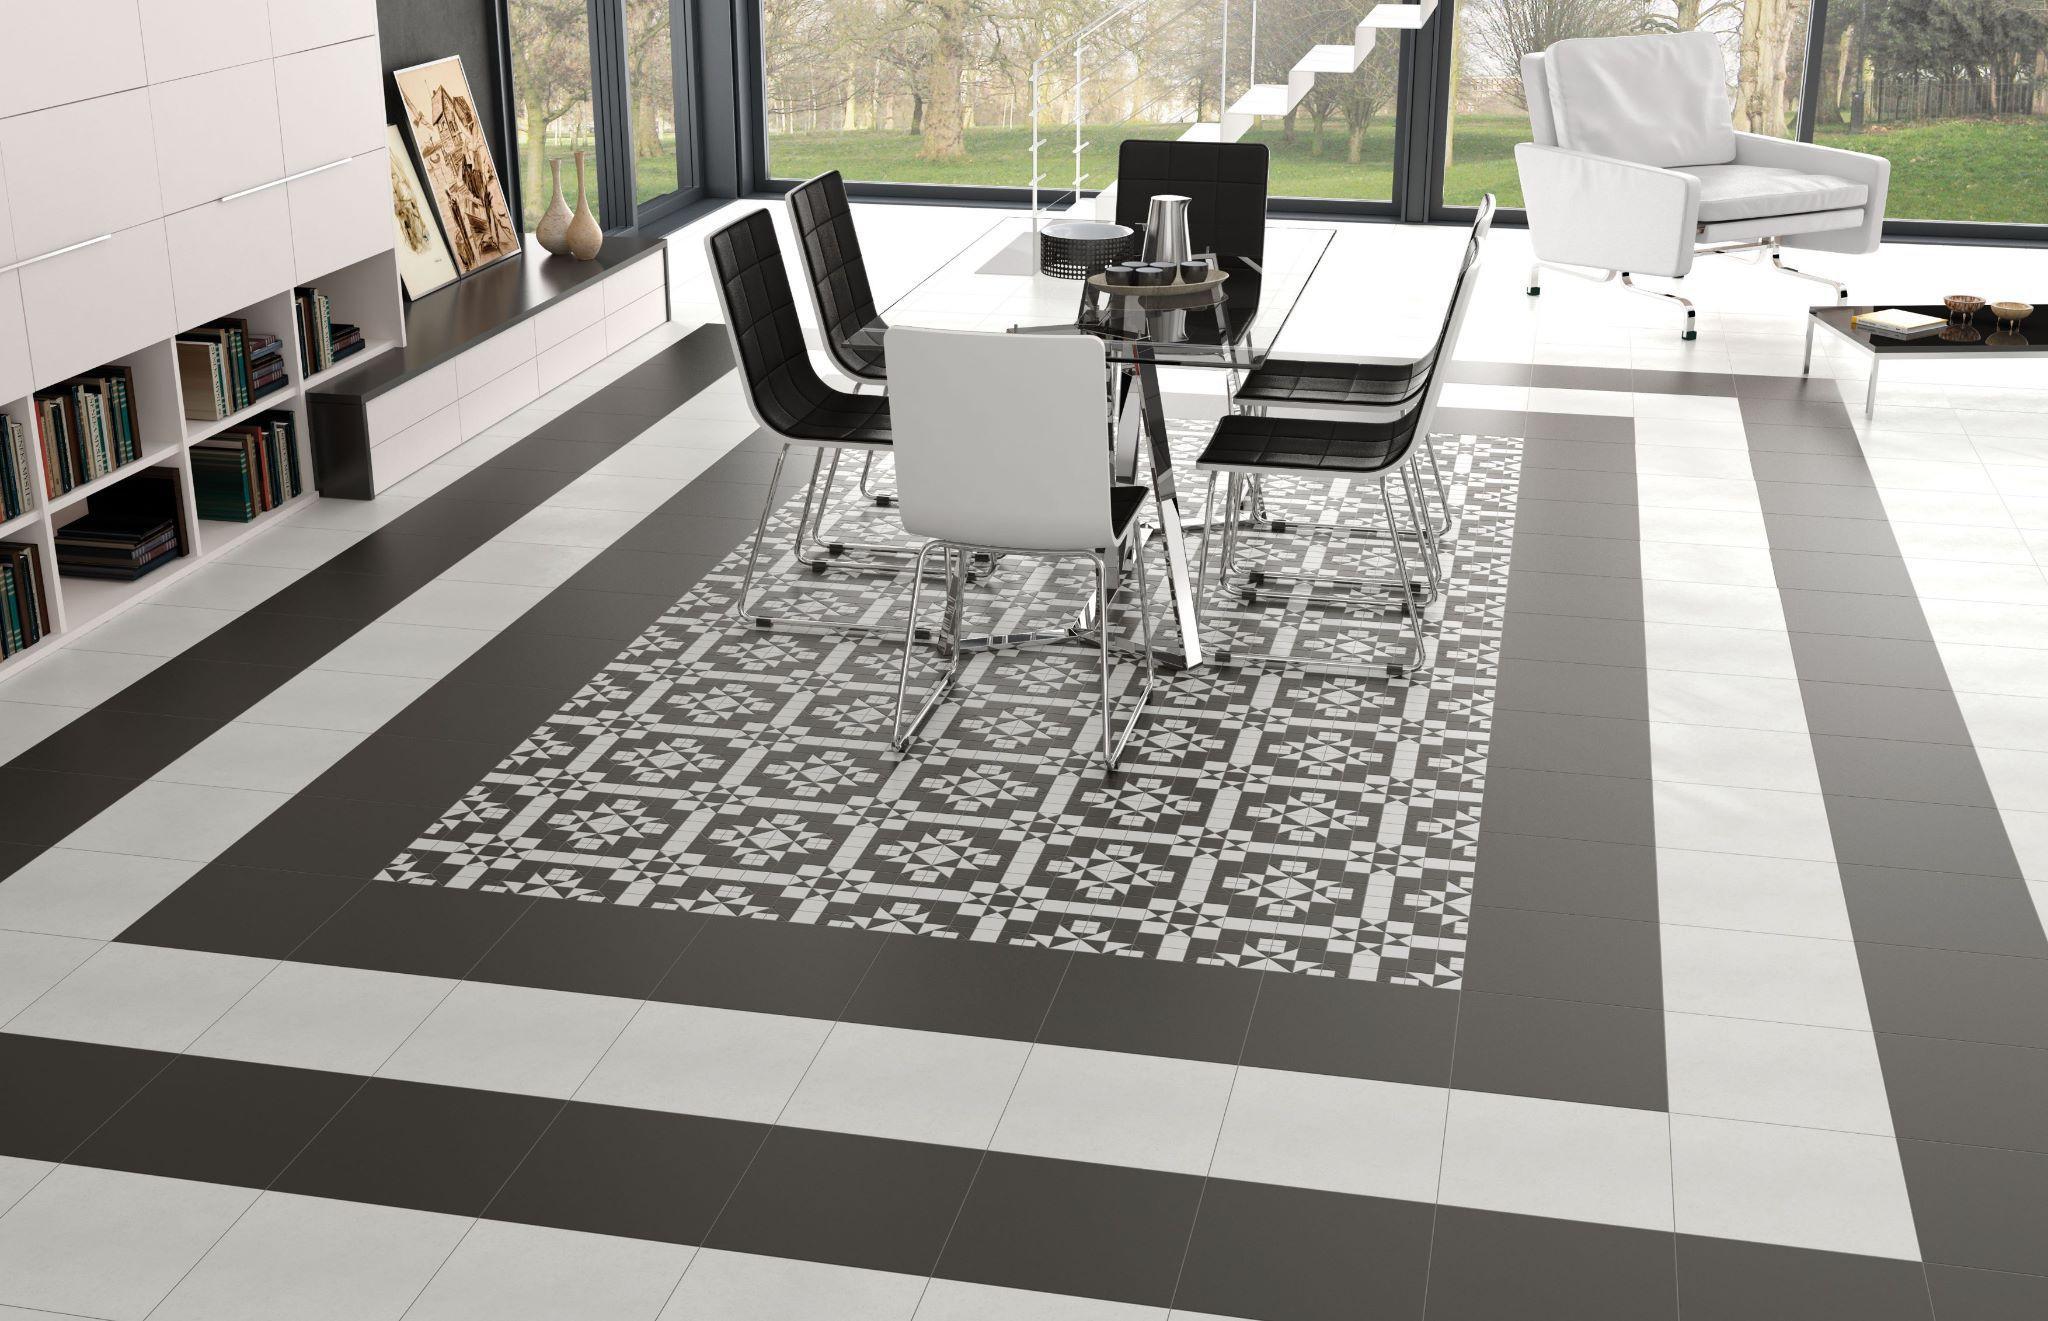 Мозаичная плитка на полу в интерьере дома